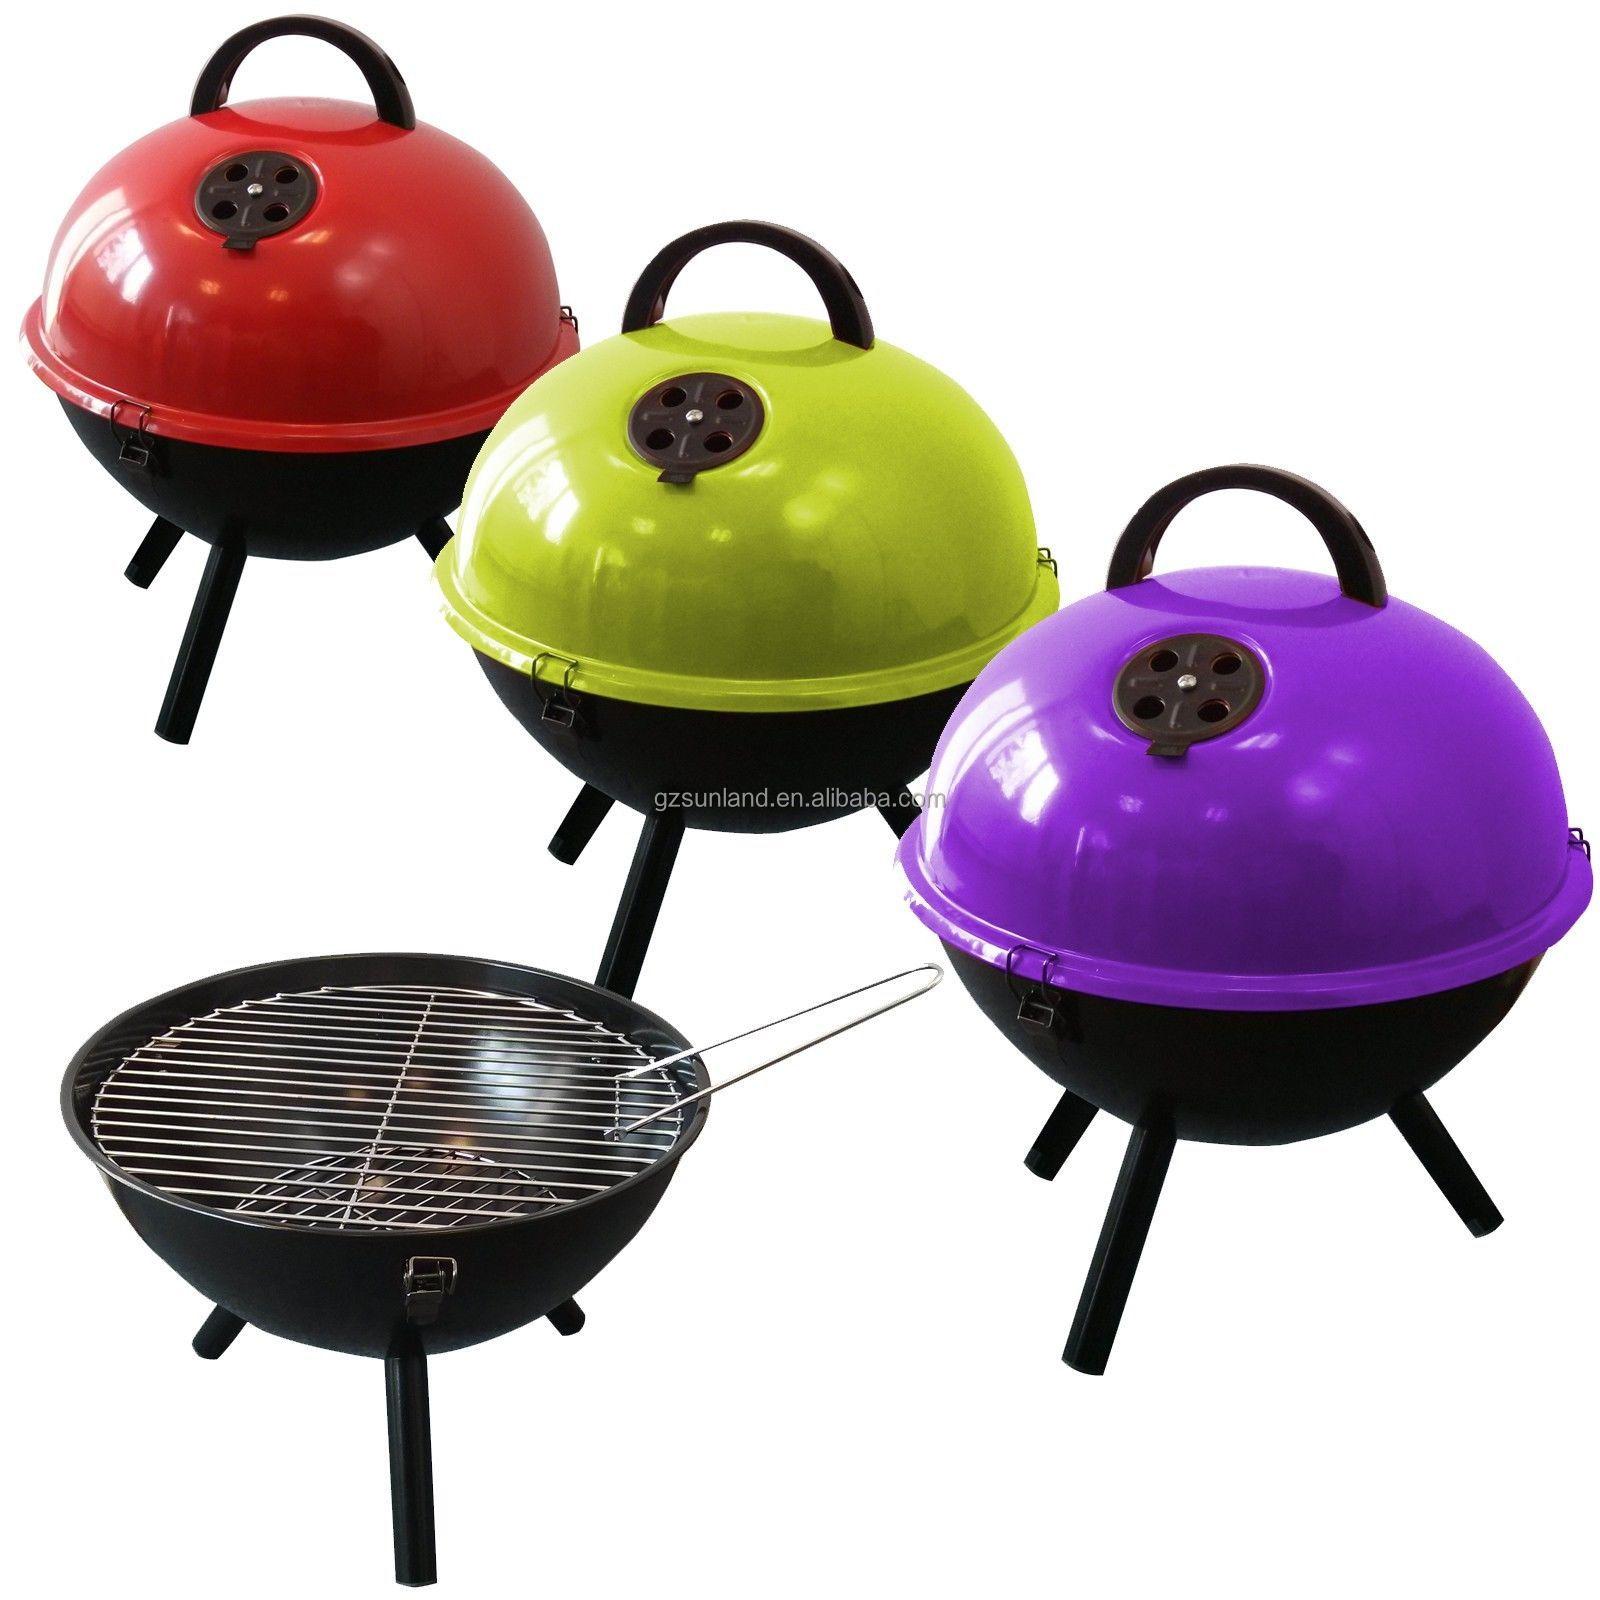 Mini Kettle Charcoal Bbq Grill